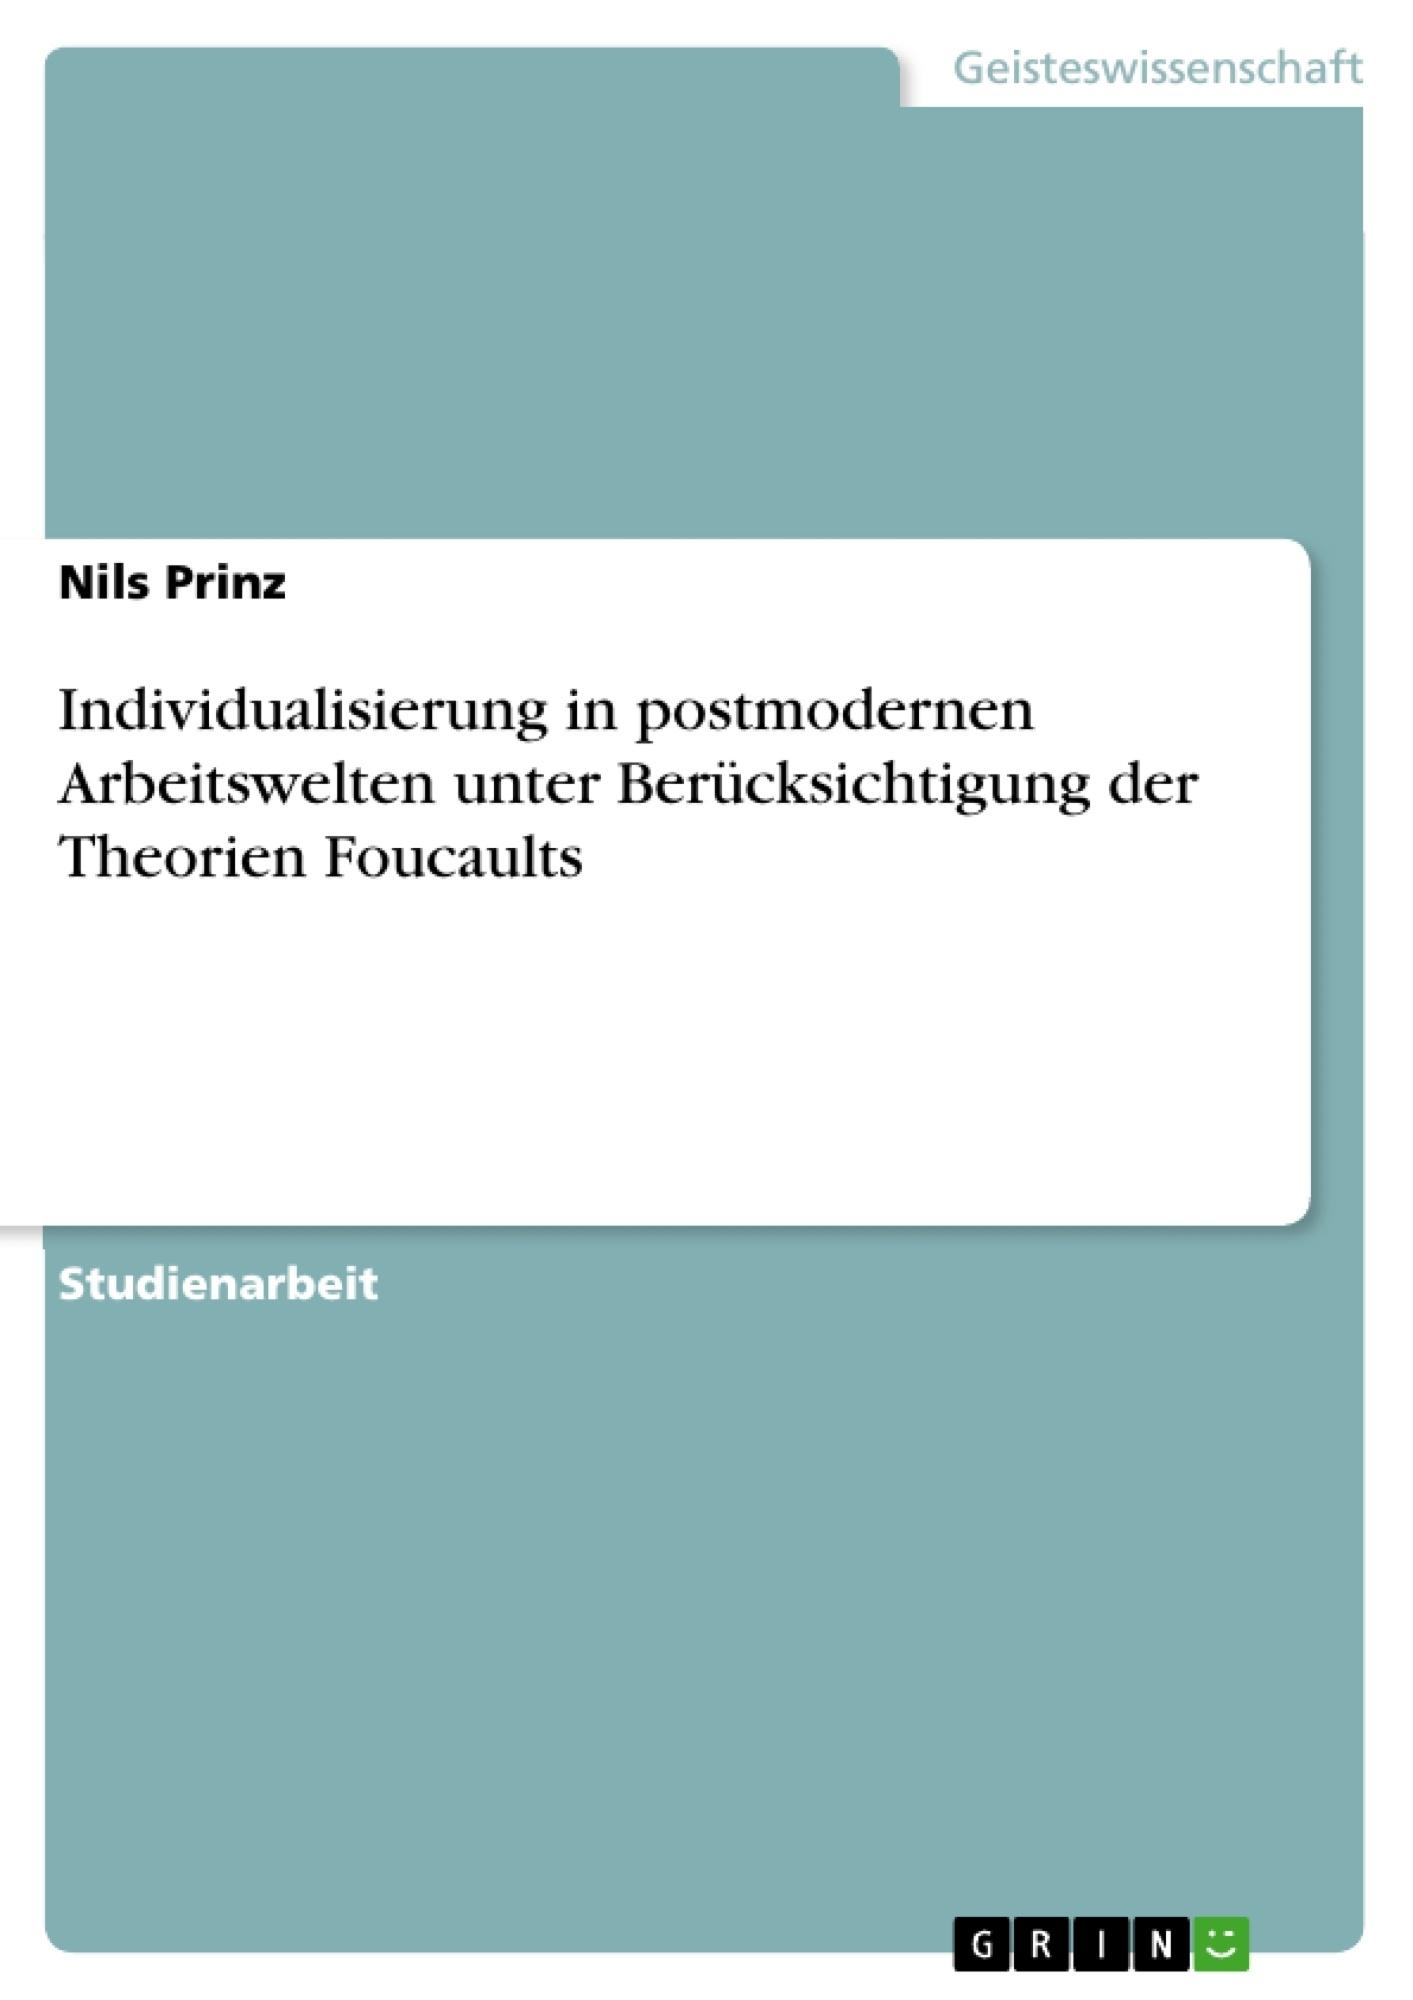 Titel: Individualisierung in postmodernen Arbeitswelten unter Berücksichtigung der Theorien Foucaults